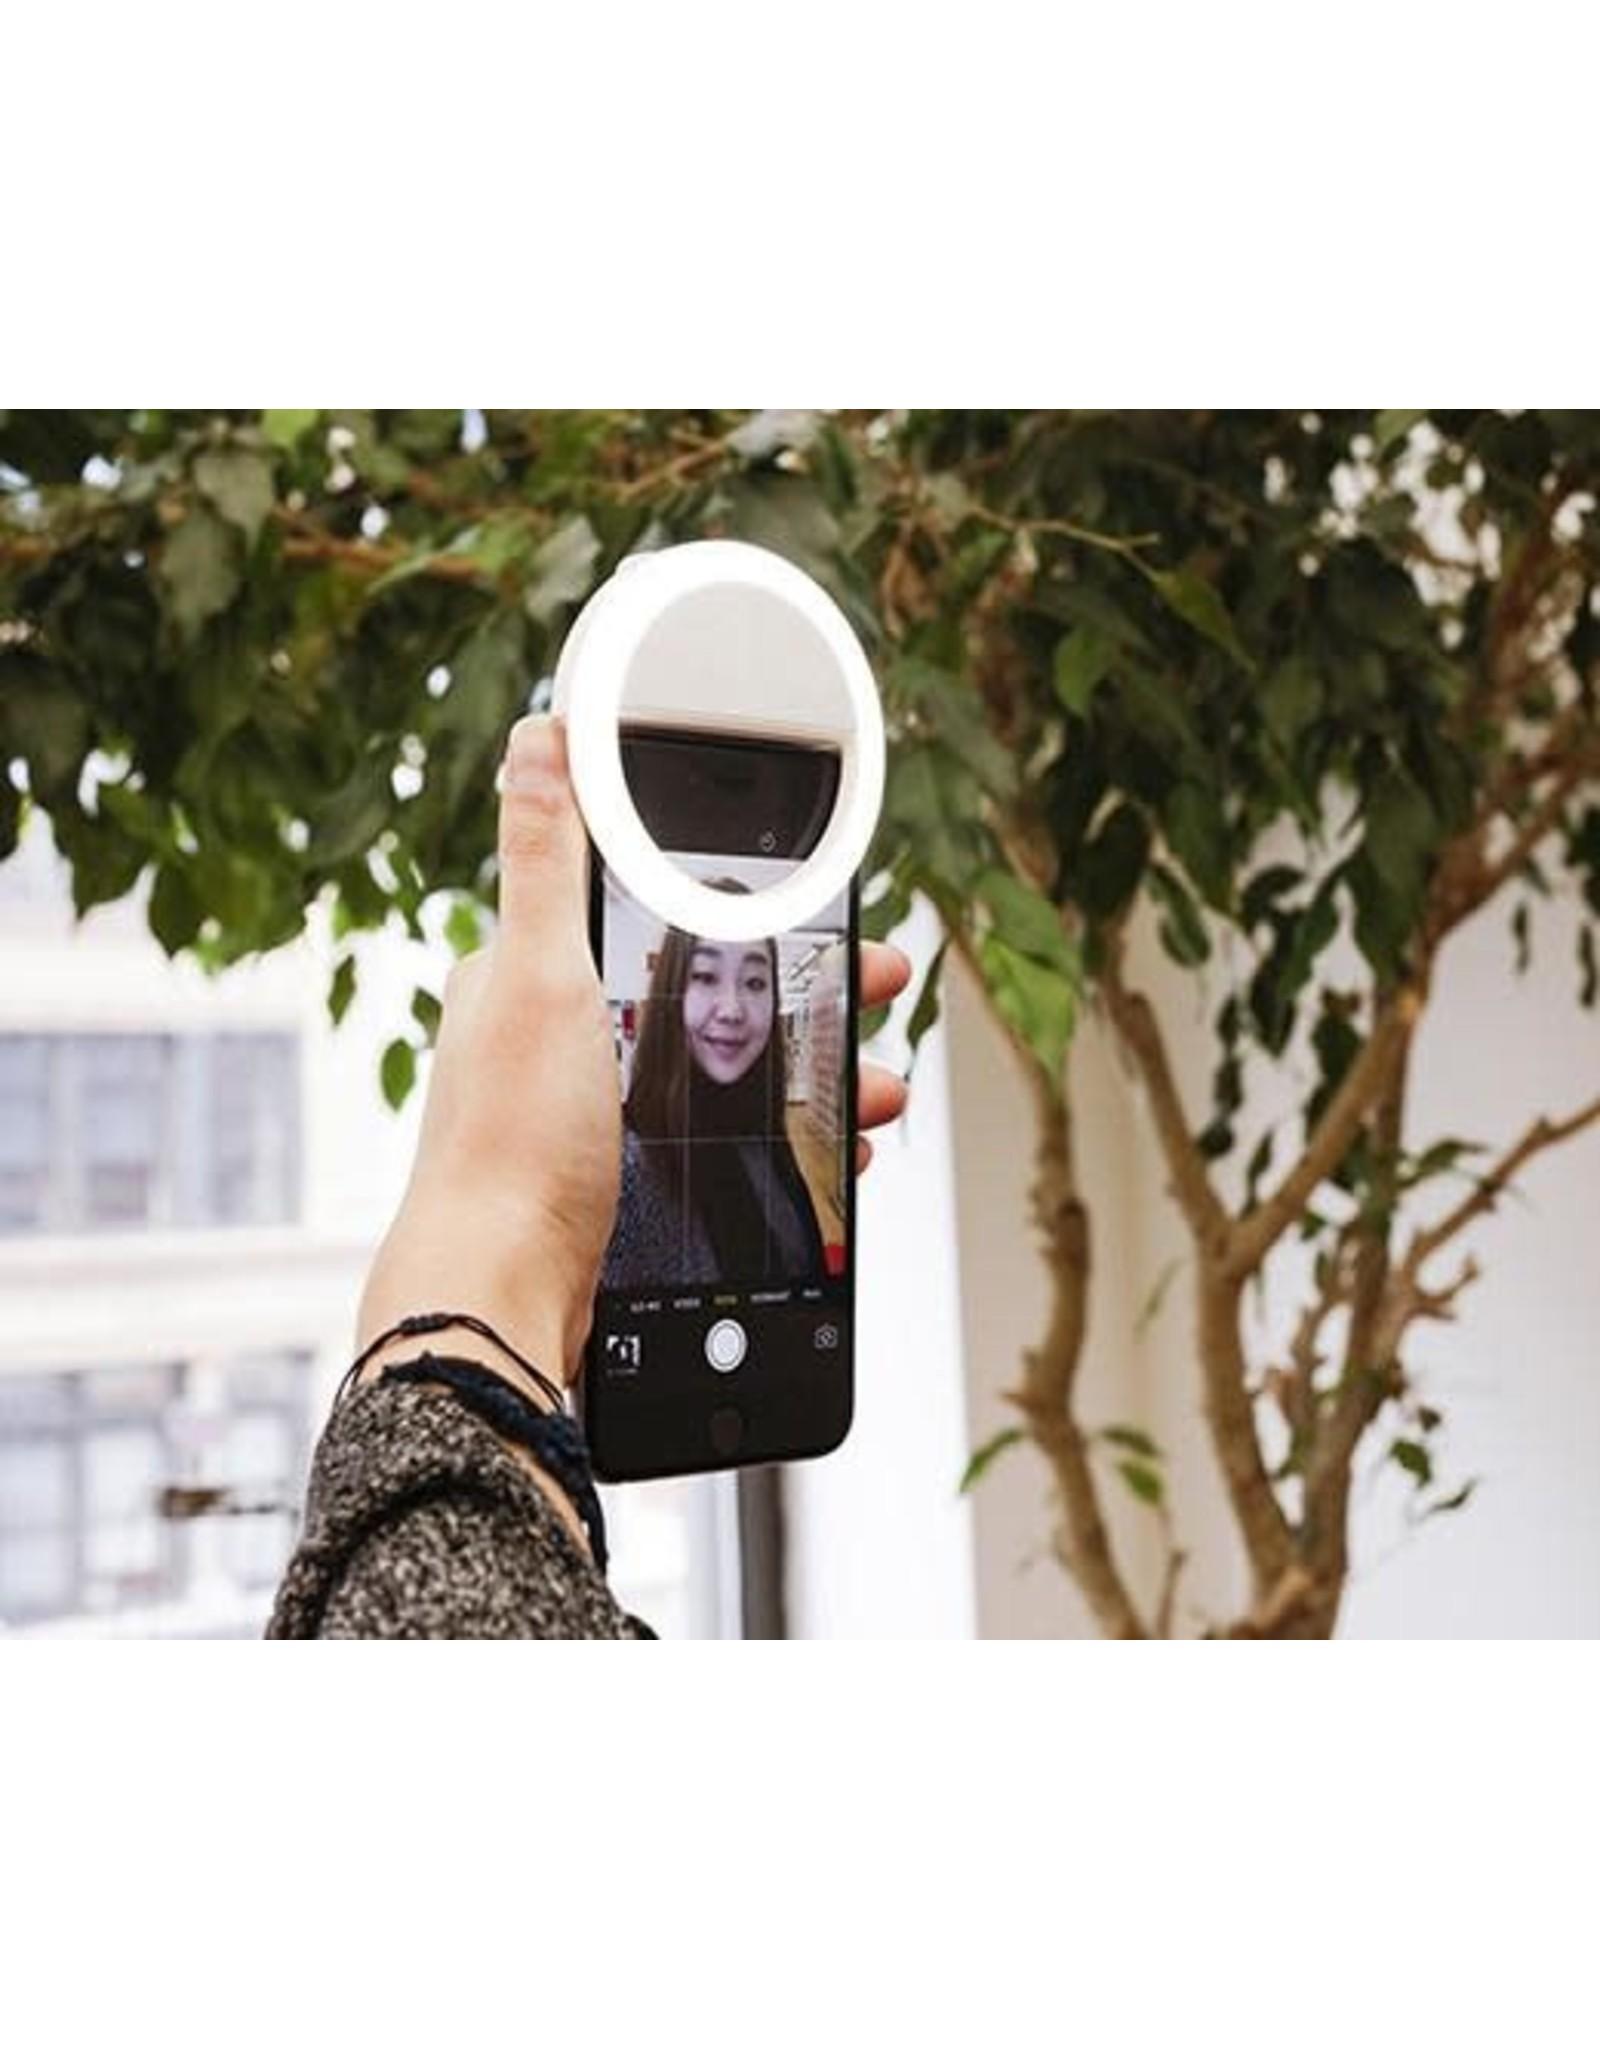 Kikkerland Ultra Bright Selfie Light